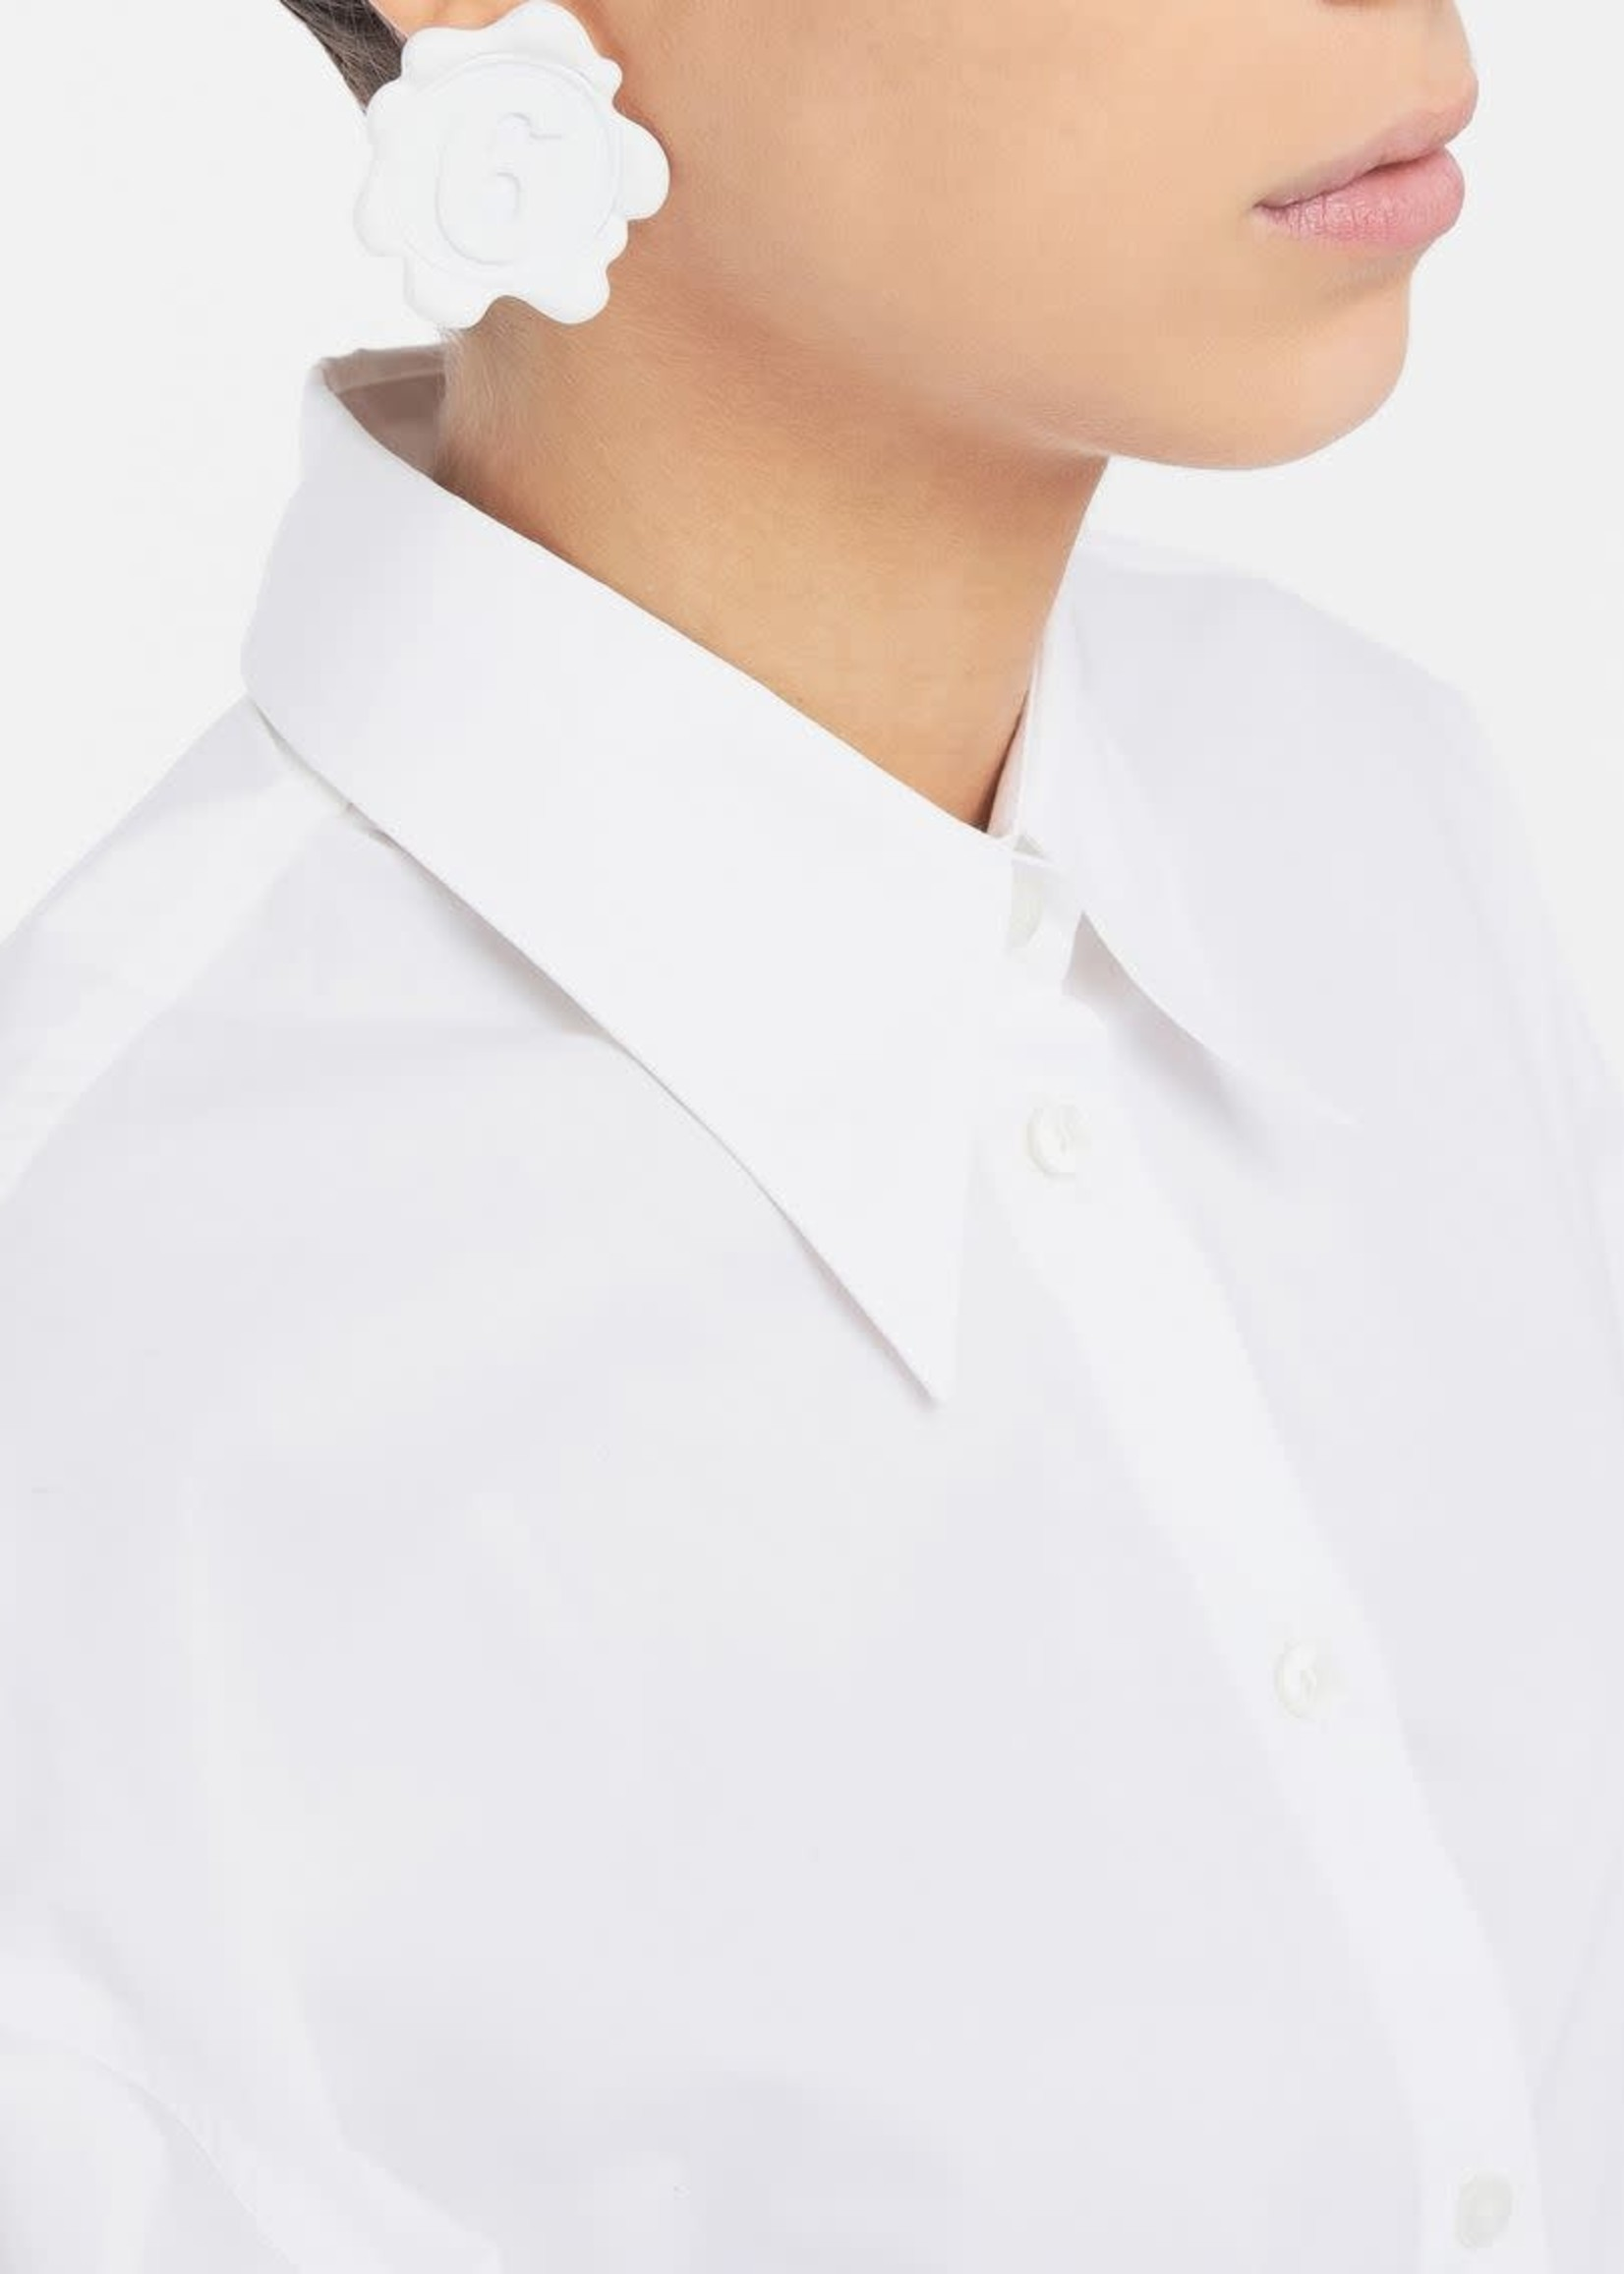 MM6 MAISON MARGIELA Logo Earrings White